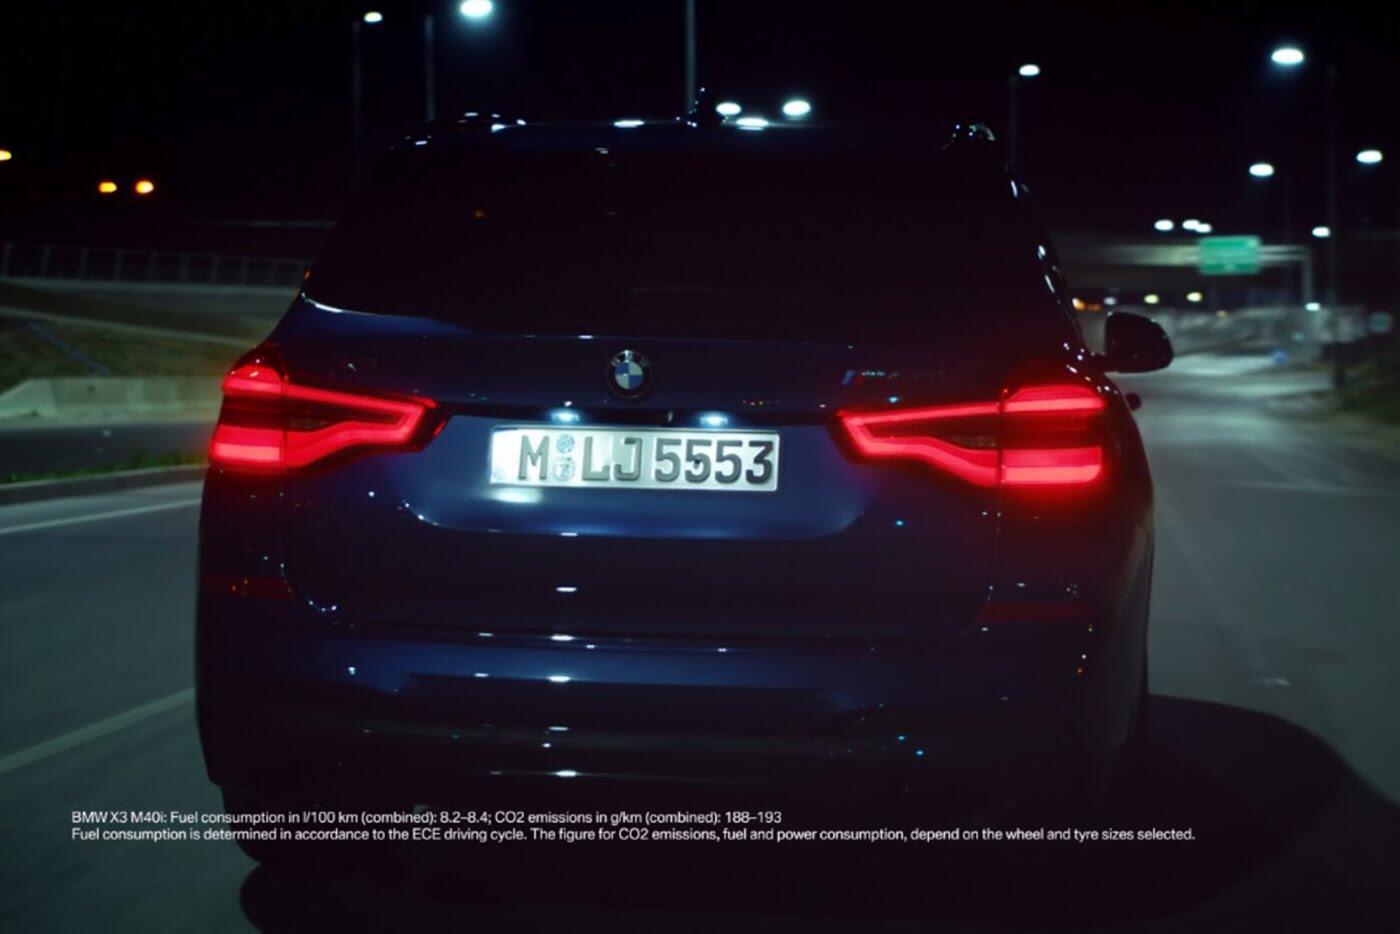 BMW X3 2018 hé lộ những hình ảnh chính thức đầu tiên - Hình 7